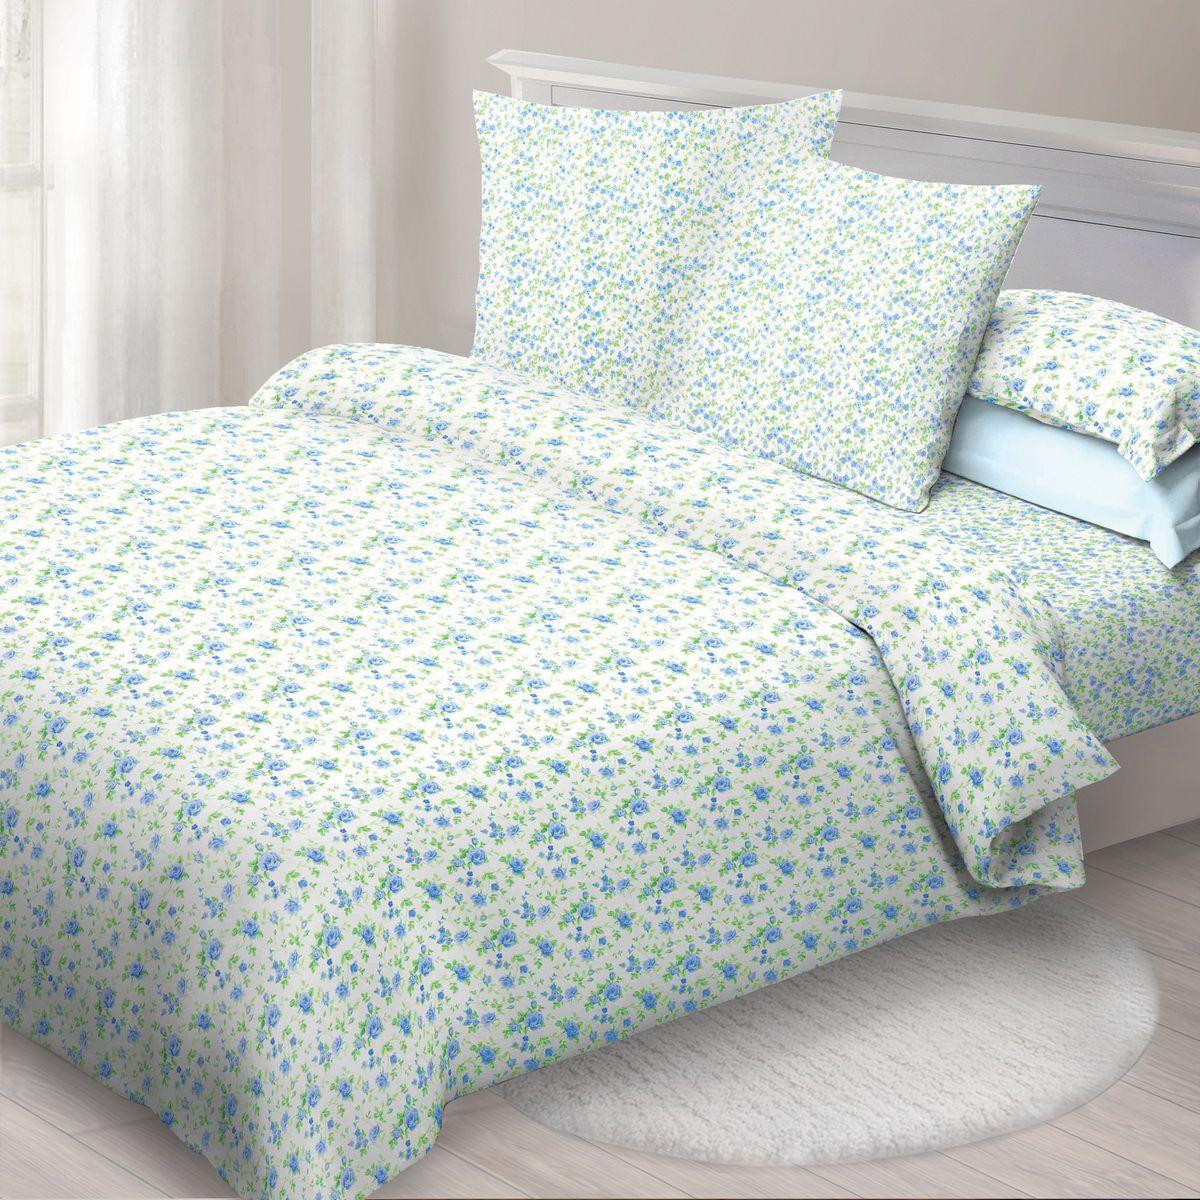 Комплект белья Спал Спалыч Мила, cемейный, наволочки 70х70. 90891 комплект постельного белья 1 5 спал спалыч рис 4084 1 карамель